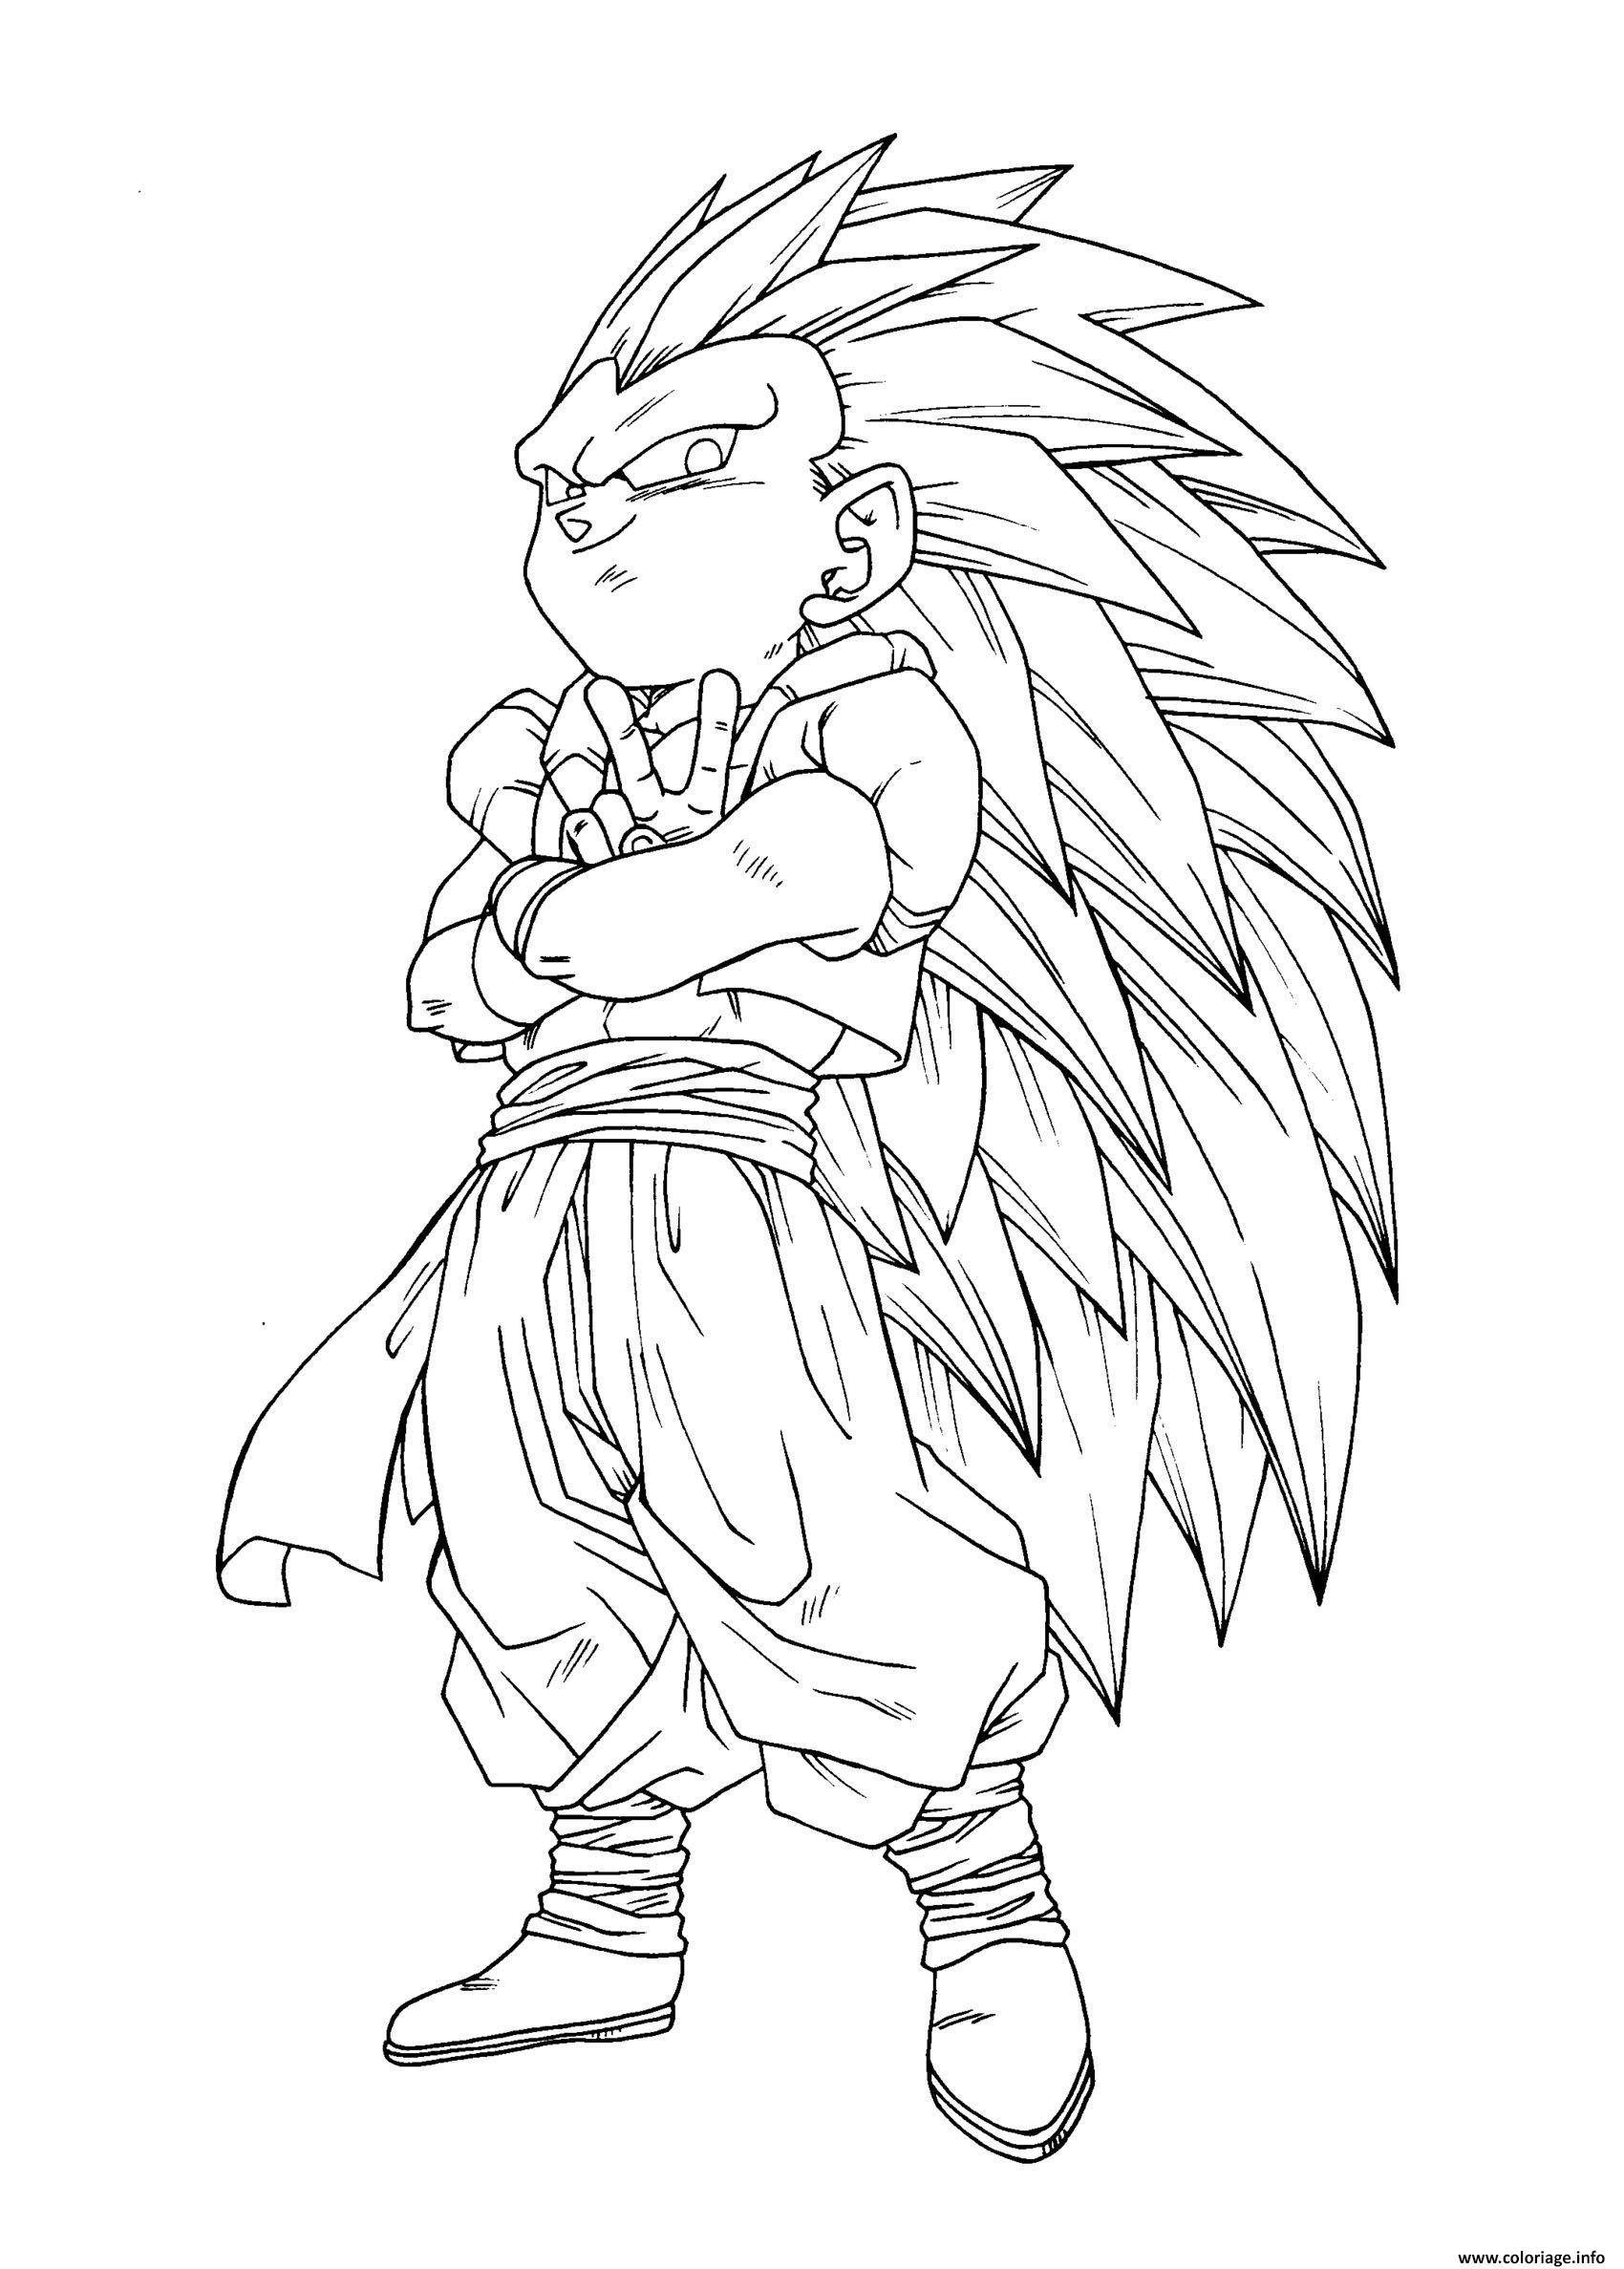 Coloriage Super Saiyan Goten Dragon Ball Z Jecolorie Com